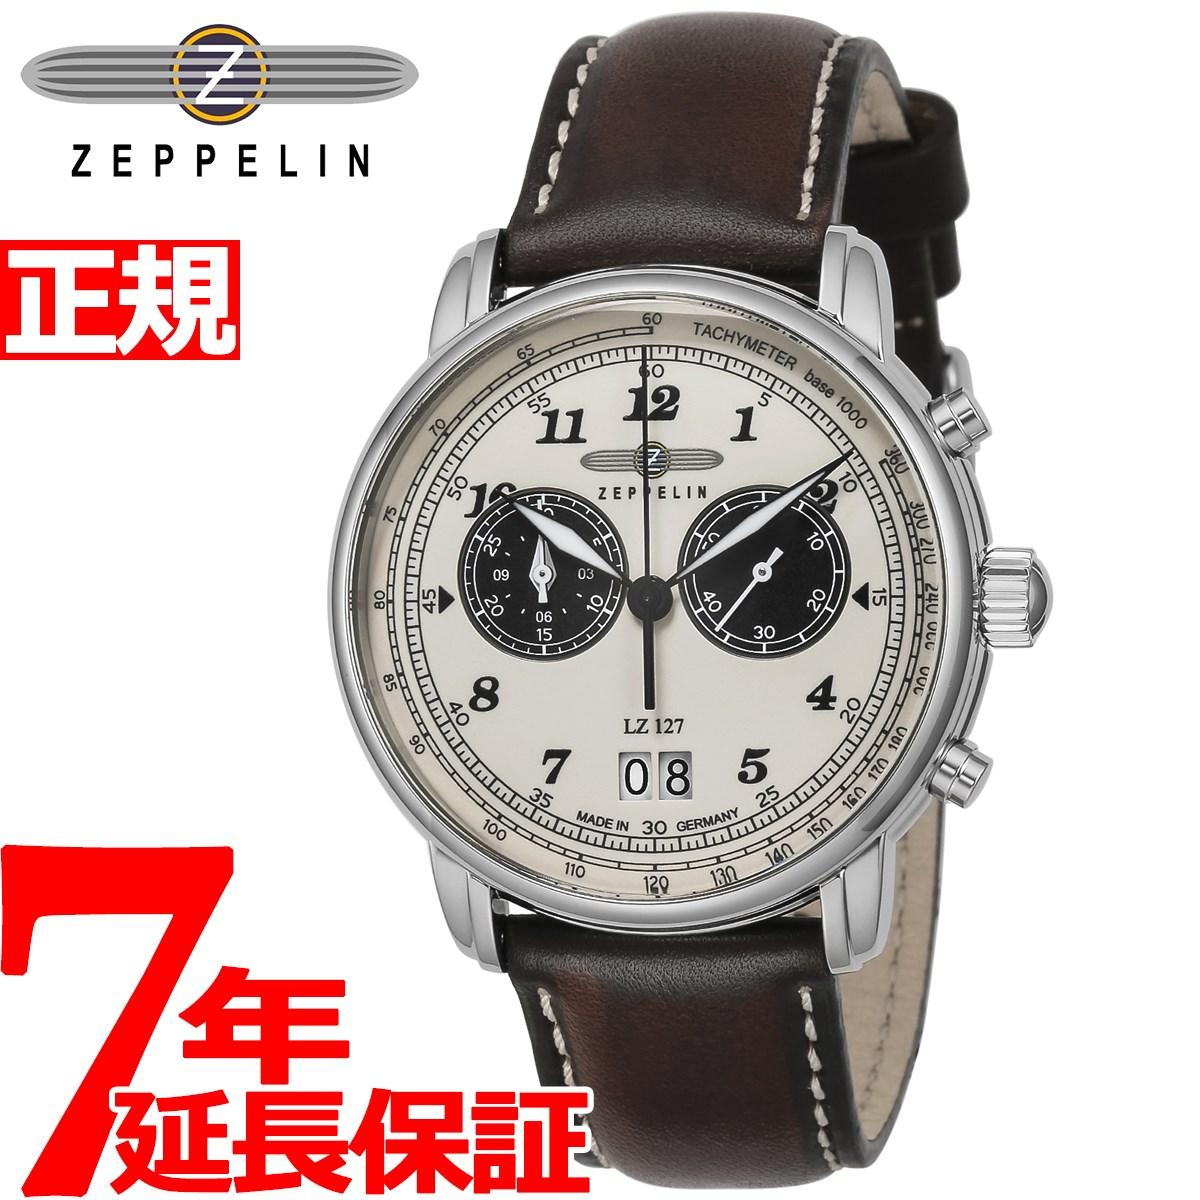 【今だけ!店内ポイント最大49倍!16日1時59分まで】ツェッペリン ZEPPELIN 腕時計 メンズ LZ127 グラーフ・ツェッペリン Graf Zeppelin 8684-5【2019 新作】